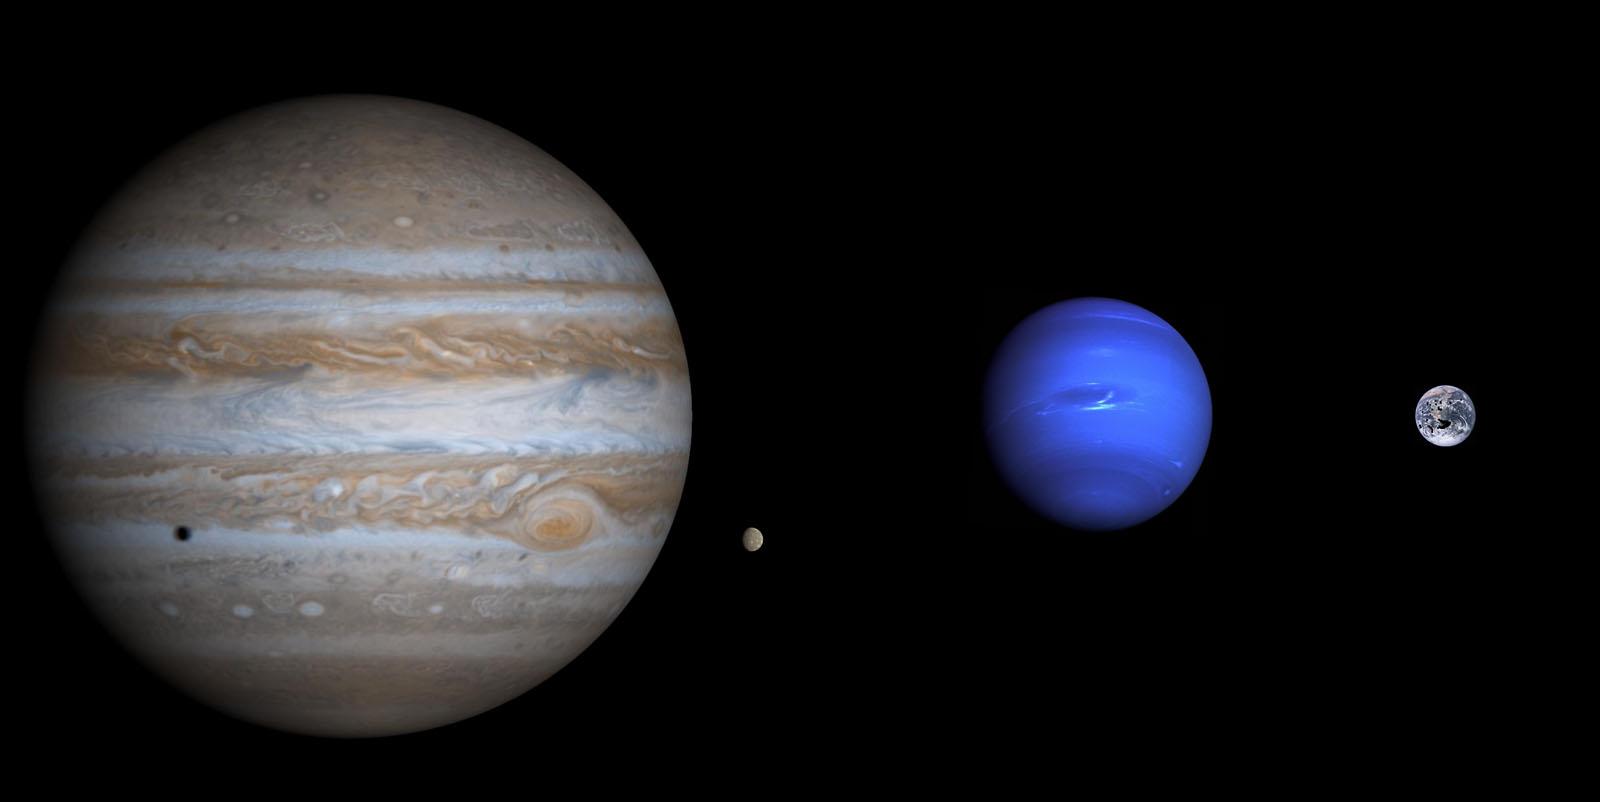 Größenvergleich von Jupiter (links), Neptun (Mitte) und Erde (rechts). Der kleine Punkt neben Jupiter ist Merkur im gleichen Maßstab, der etwa so groß wie Jupiters größter Mond Ganymed ist. So ungefähr wie Neptun hier sich zu Jupiter verhält, so soll sich der Mond von Kepler-1625b zu seinem Mutterplaneten verhalten - fürwahr kein gewöhnlicher Mond! Bild: Flickr, Meng Bomin, CC BY 2.0; Bearbeitung: Autor.